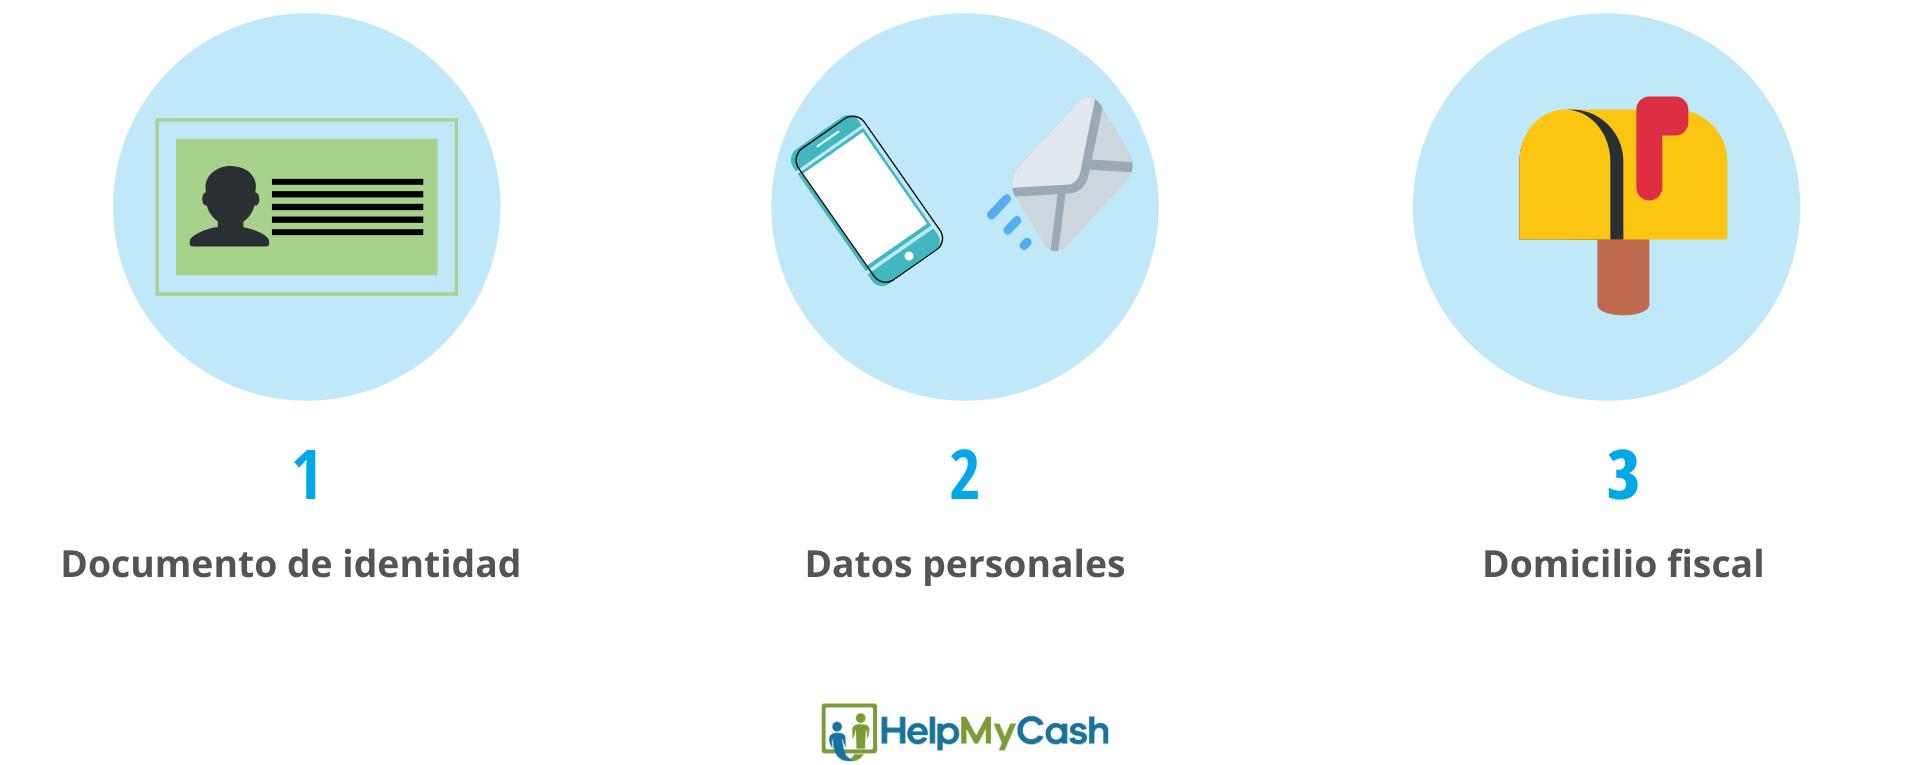 Cómo abrir una cuenta bancaria: 1- presentar el documento de identidad. 2- datos personales. 3- domicilio fiscal